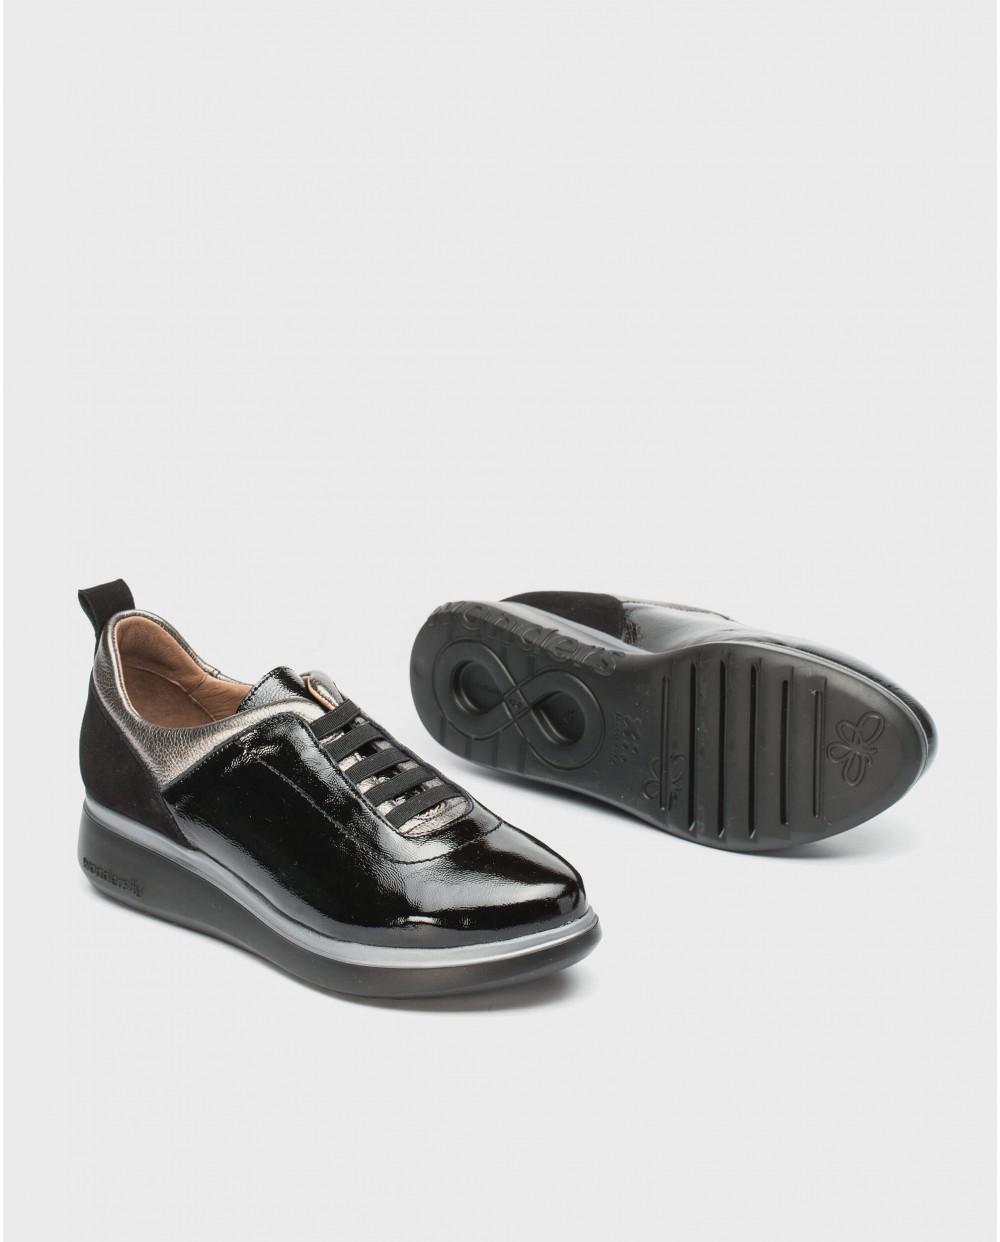 Wonders-Zapatos planos-Zapato cierre elástico